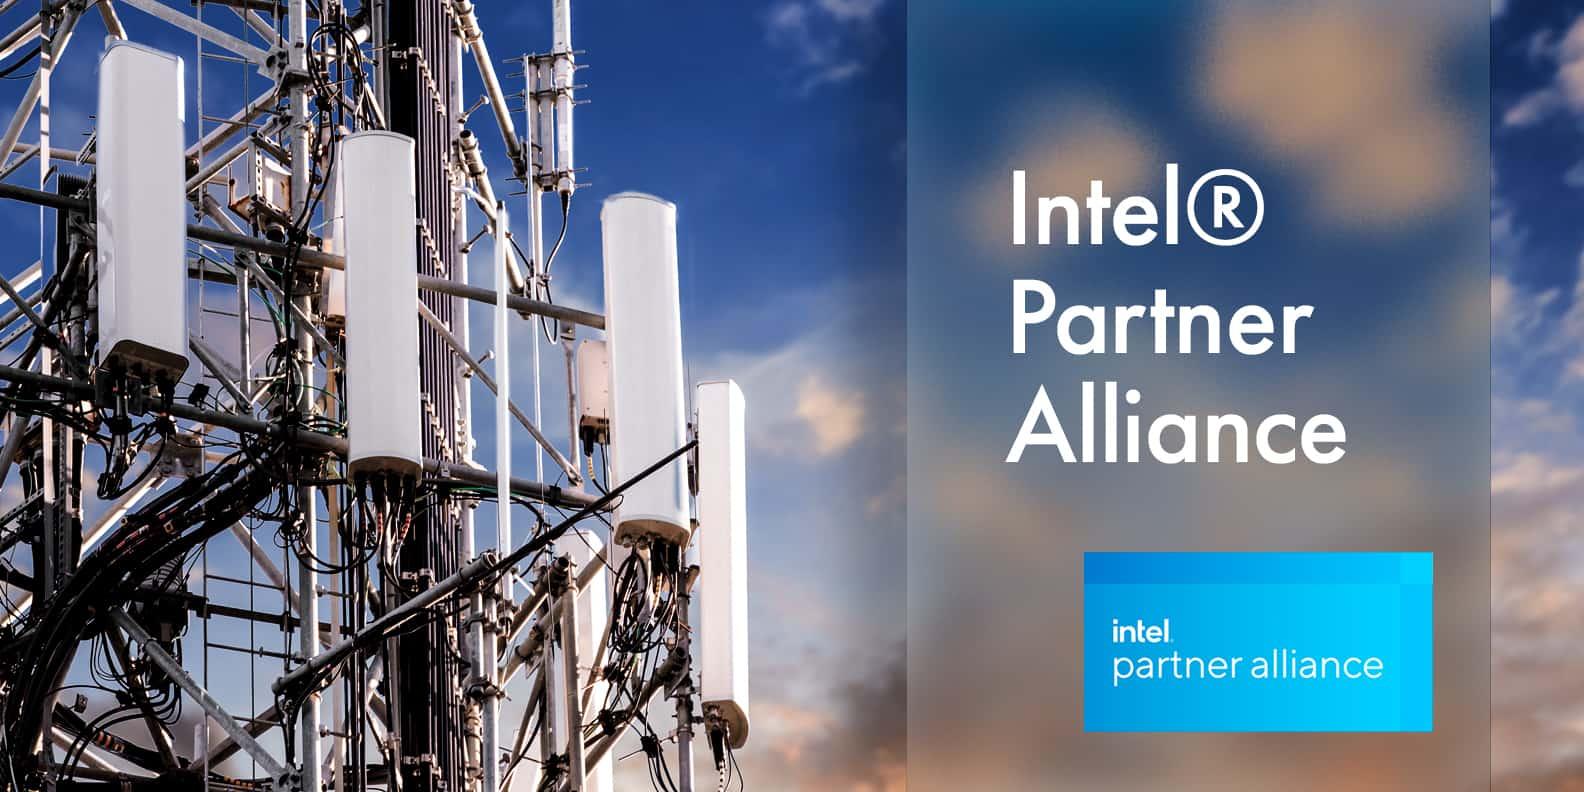 В январе 2021 года Сколтех стал участником Intel Partner Alliance. Эта программа объединяет компании, которые являются долгосрочными партнерами Intel в вопросах разработки, производства и продажи технологических решений. Цель Intel Partner…